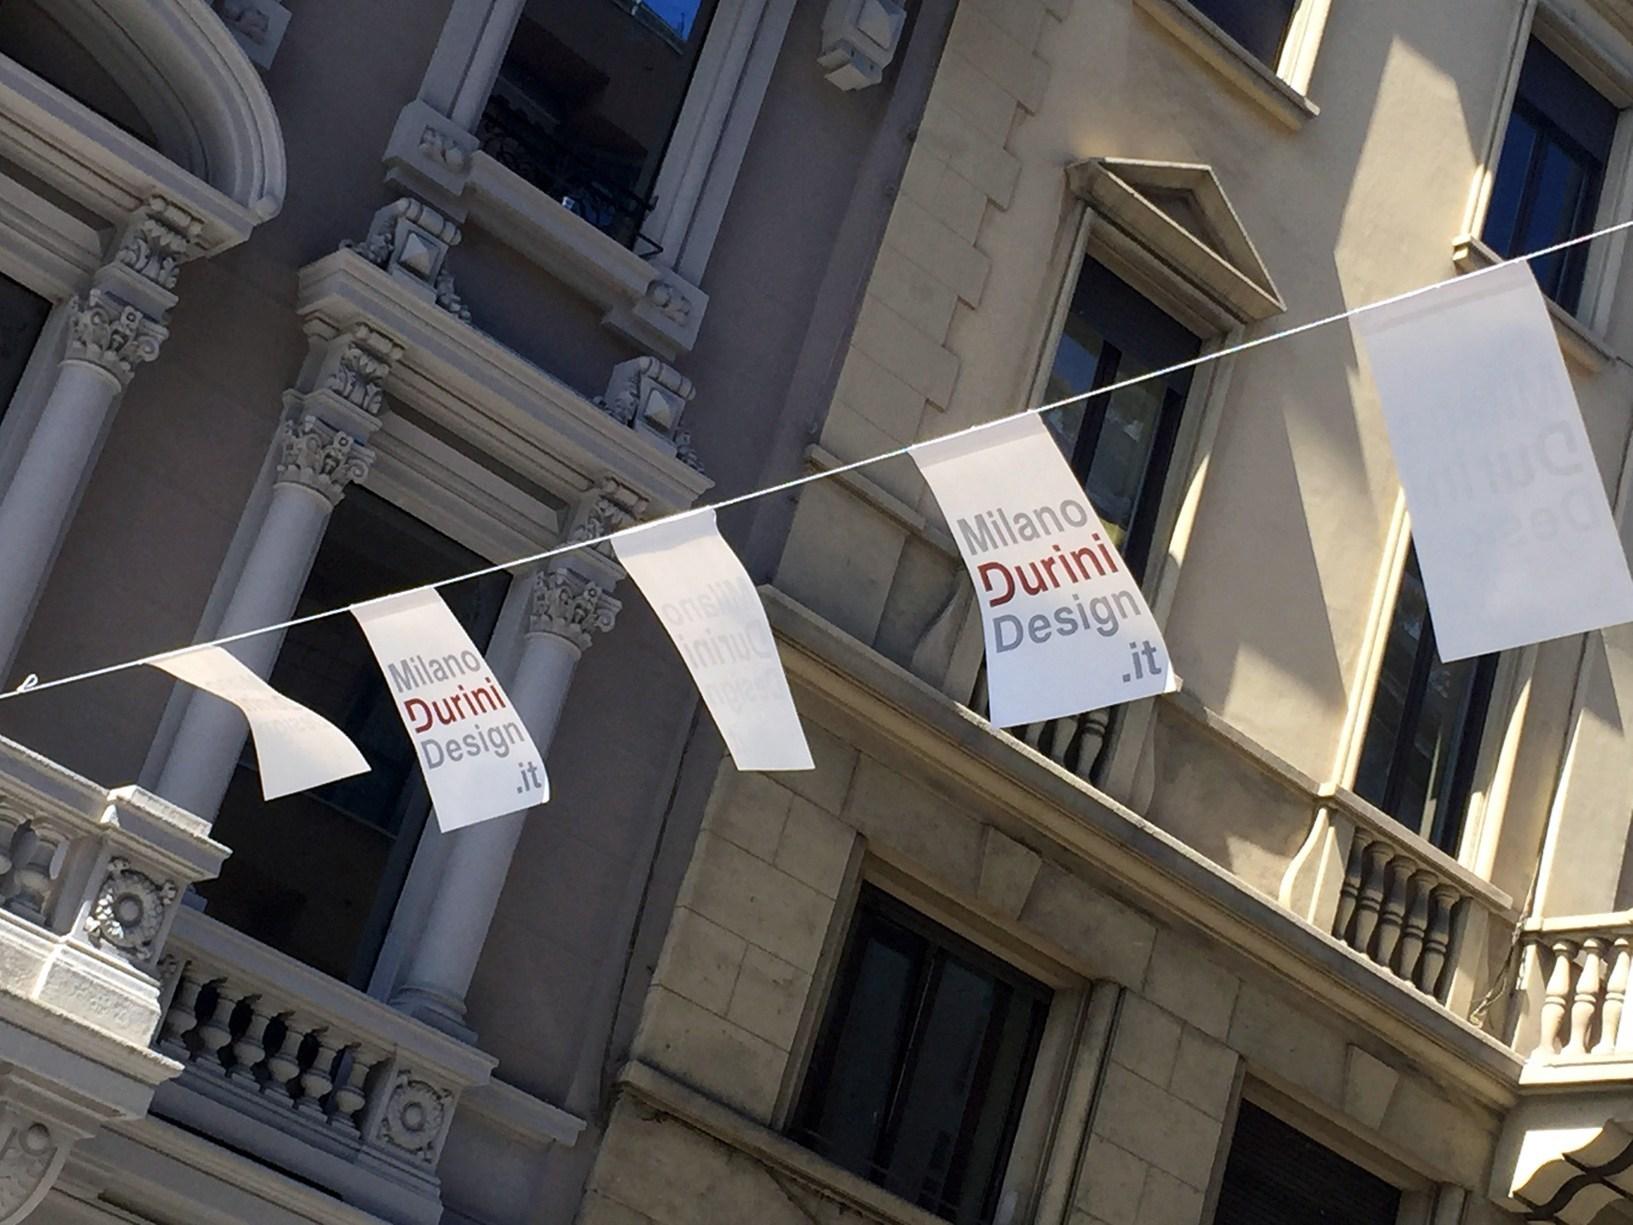 Via Durini tappa imperdibile della Design Week